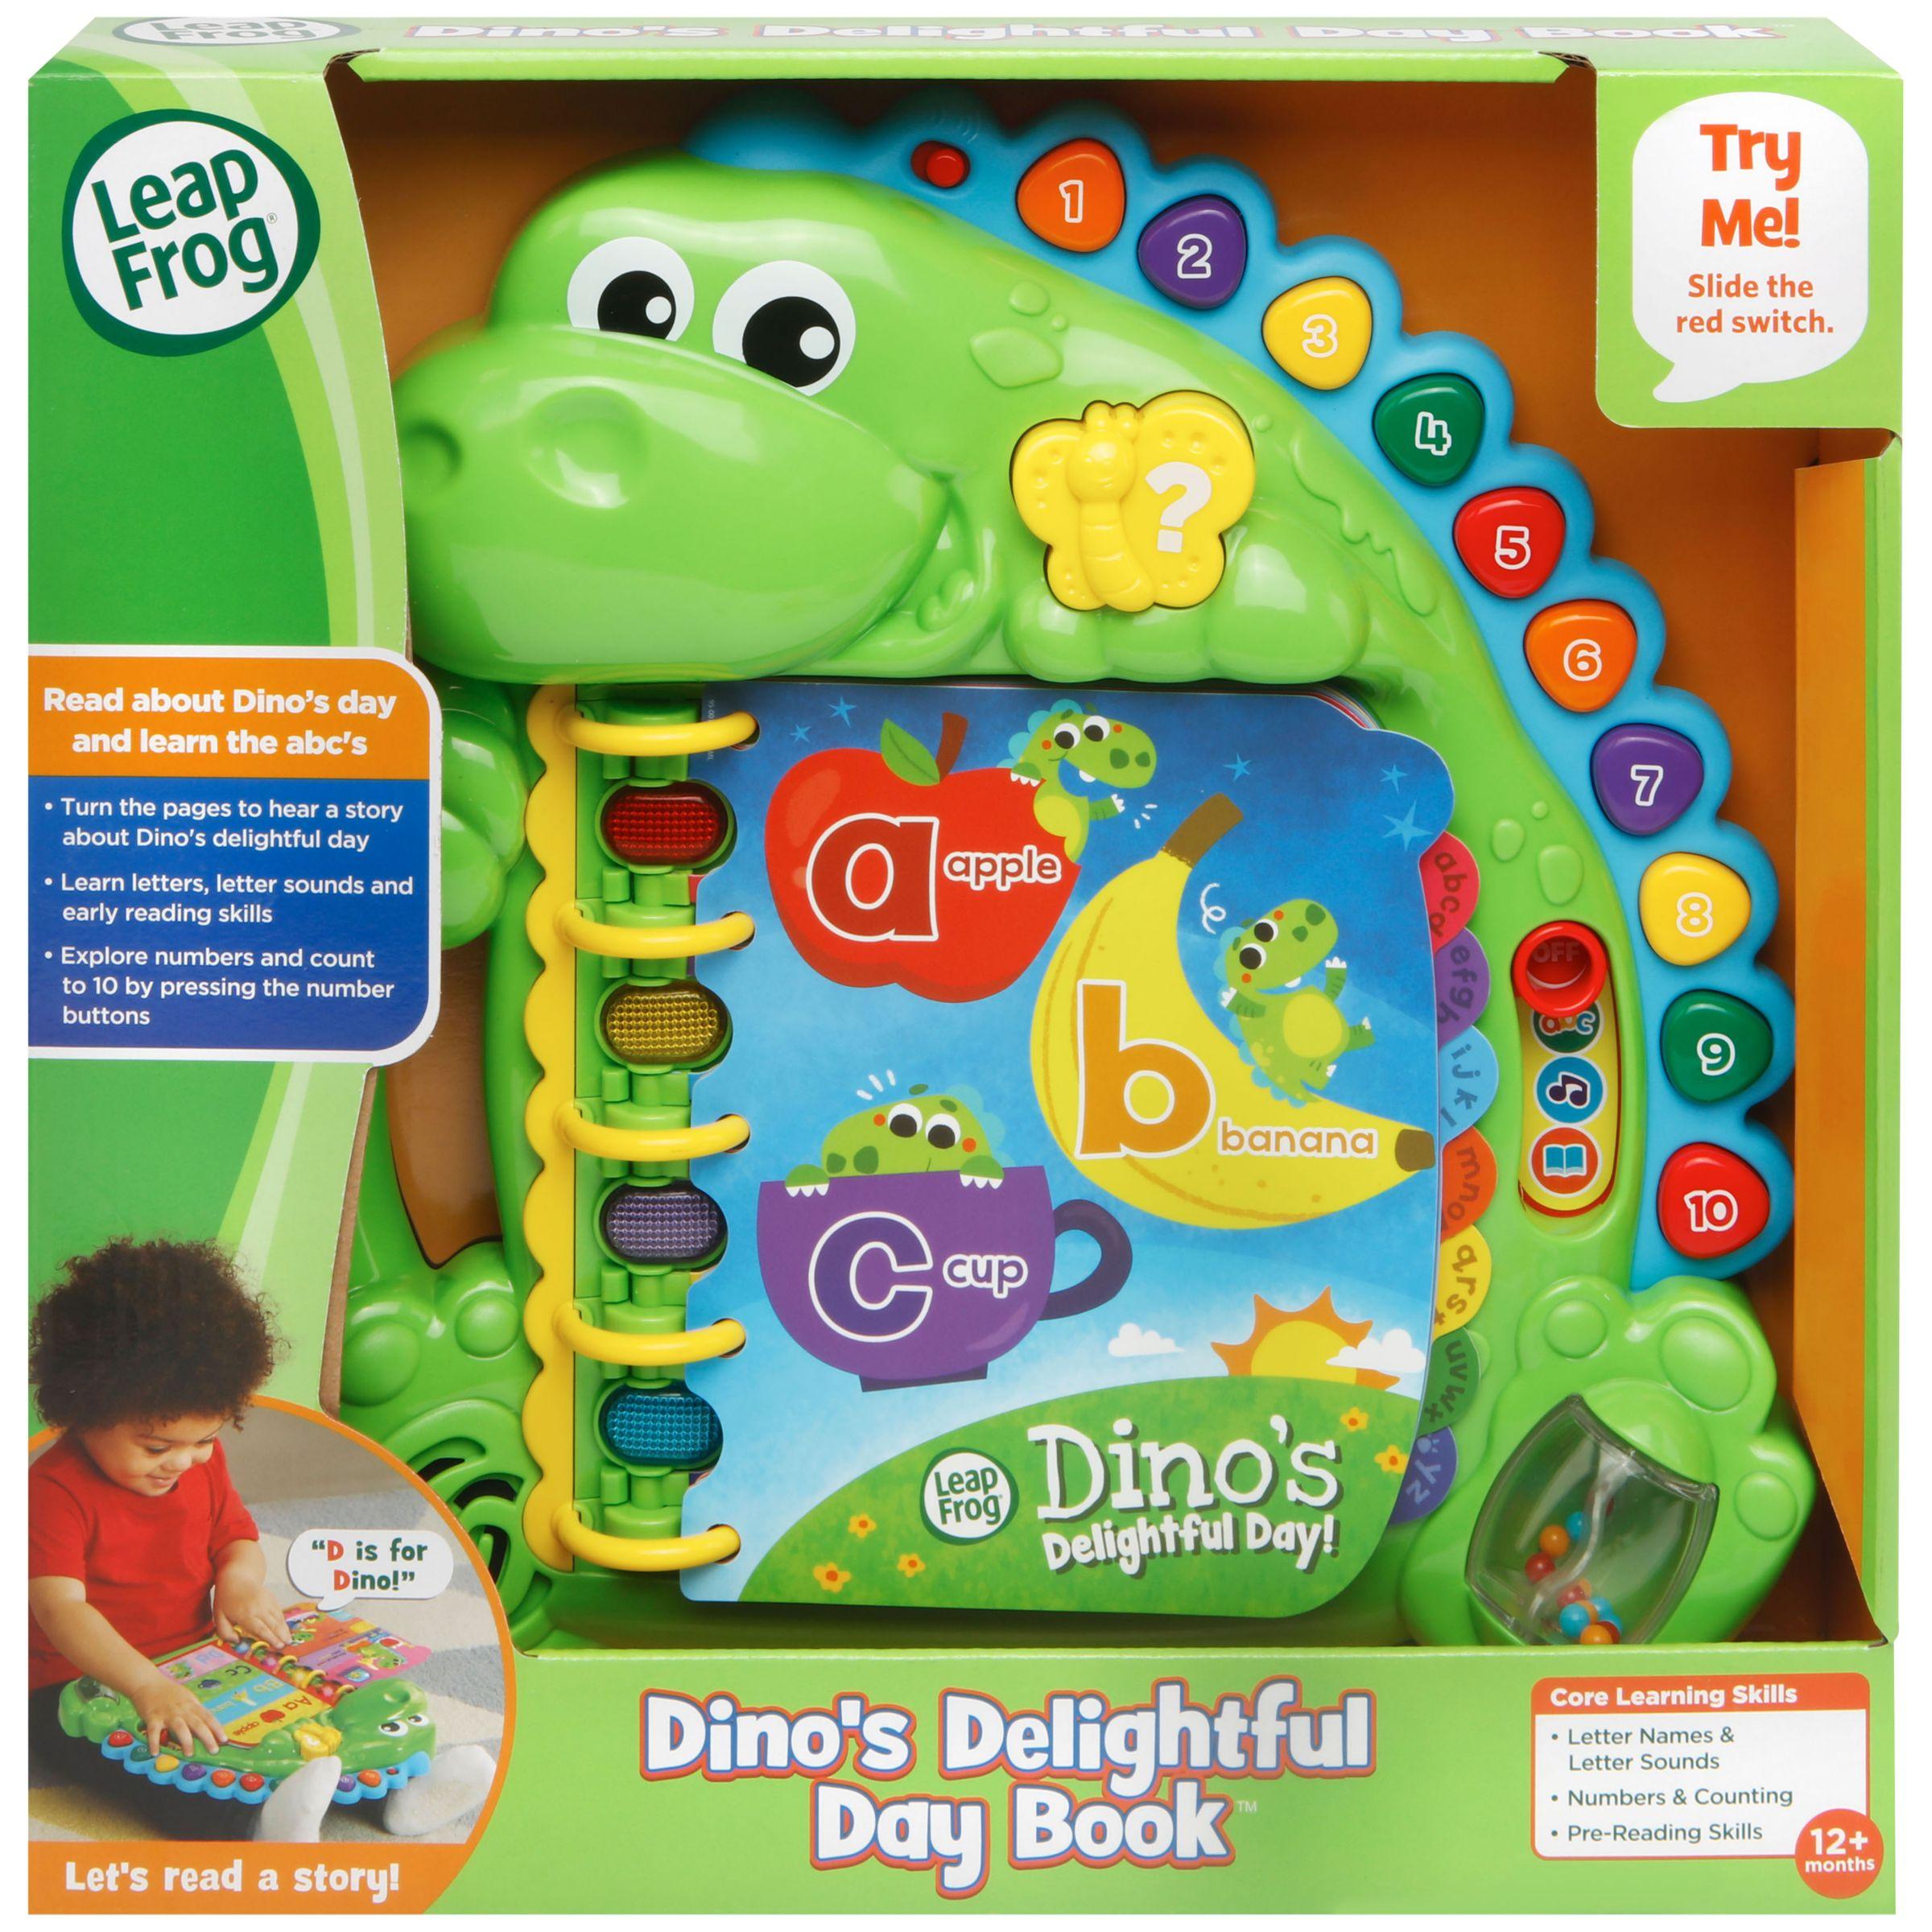 LeapFrog LeapFrog Dino's Delightful Day Electronic Book